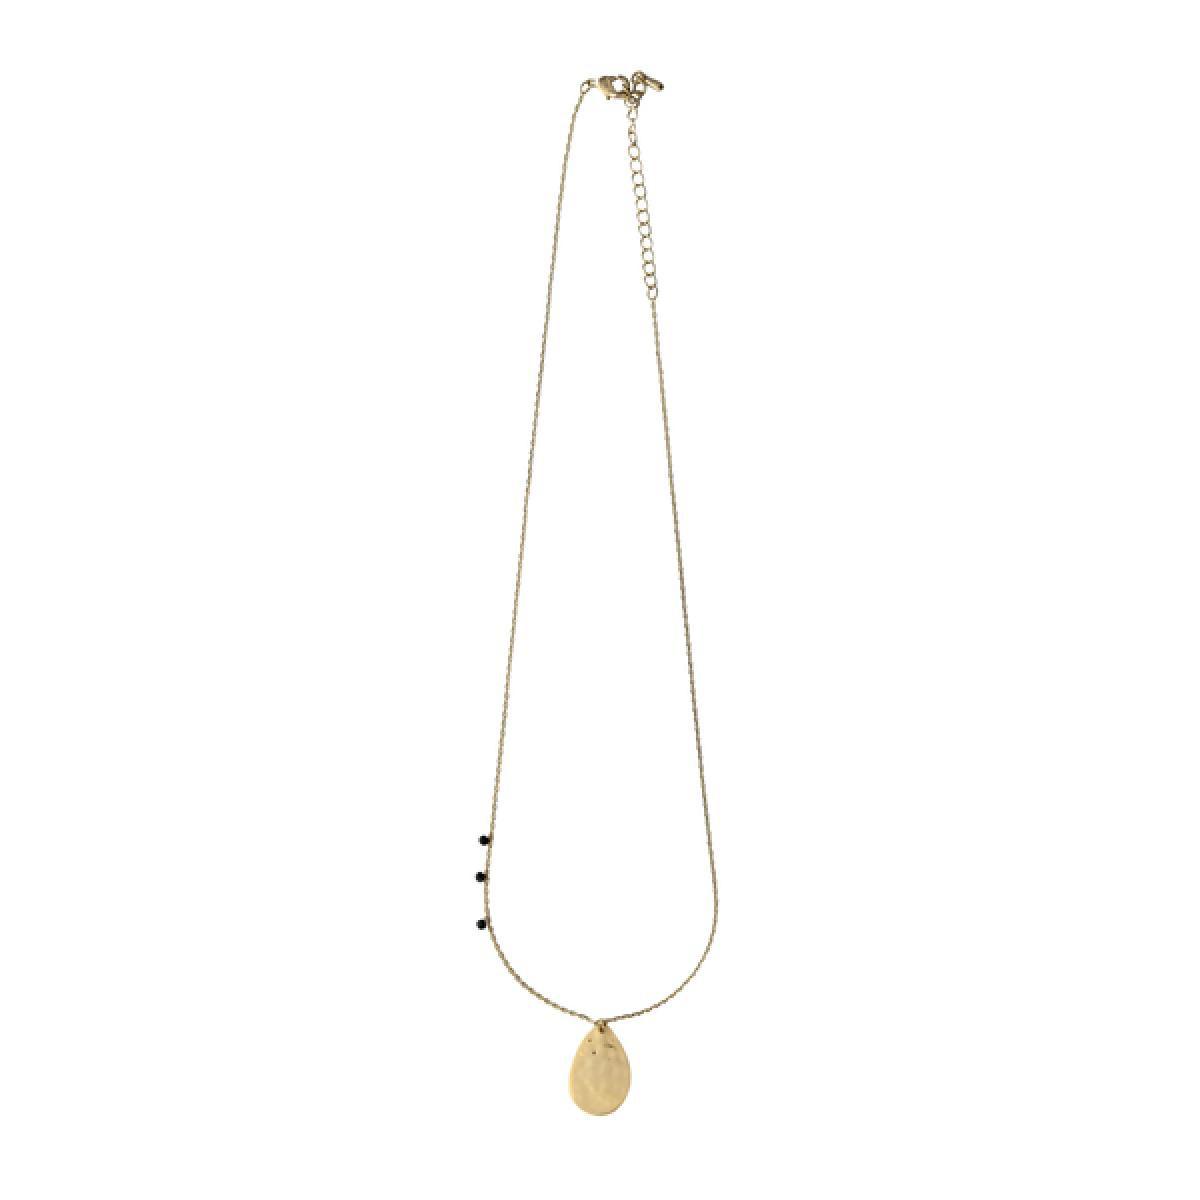 Collier et pendentif Bérénice  - BE0089D